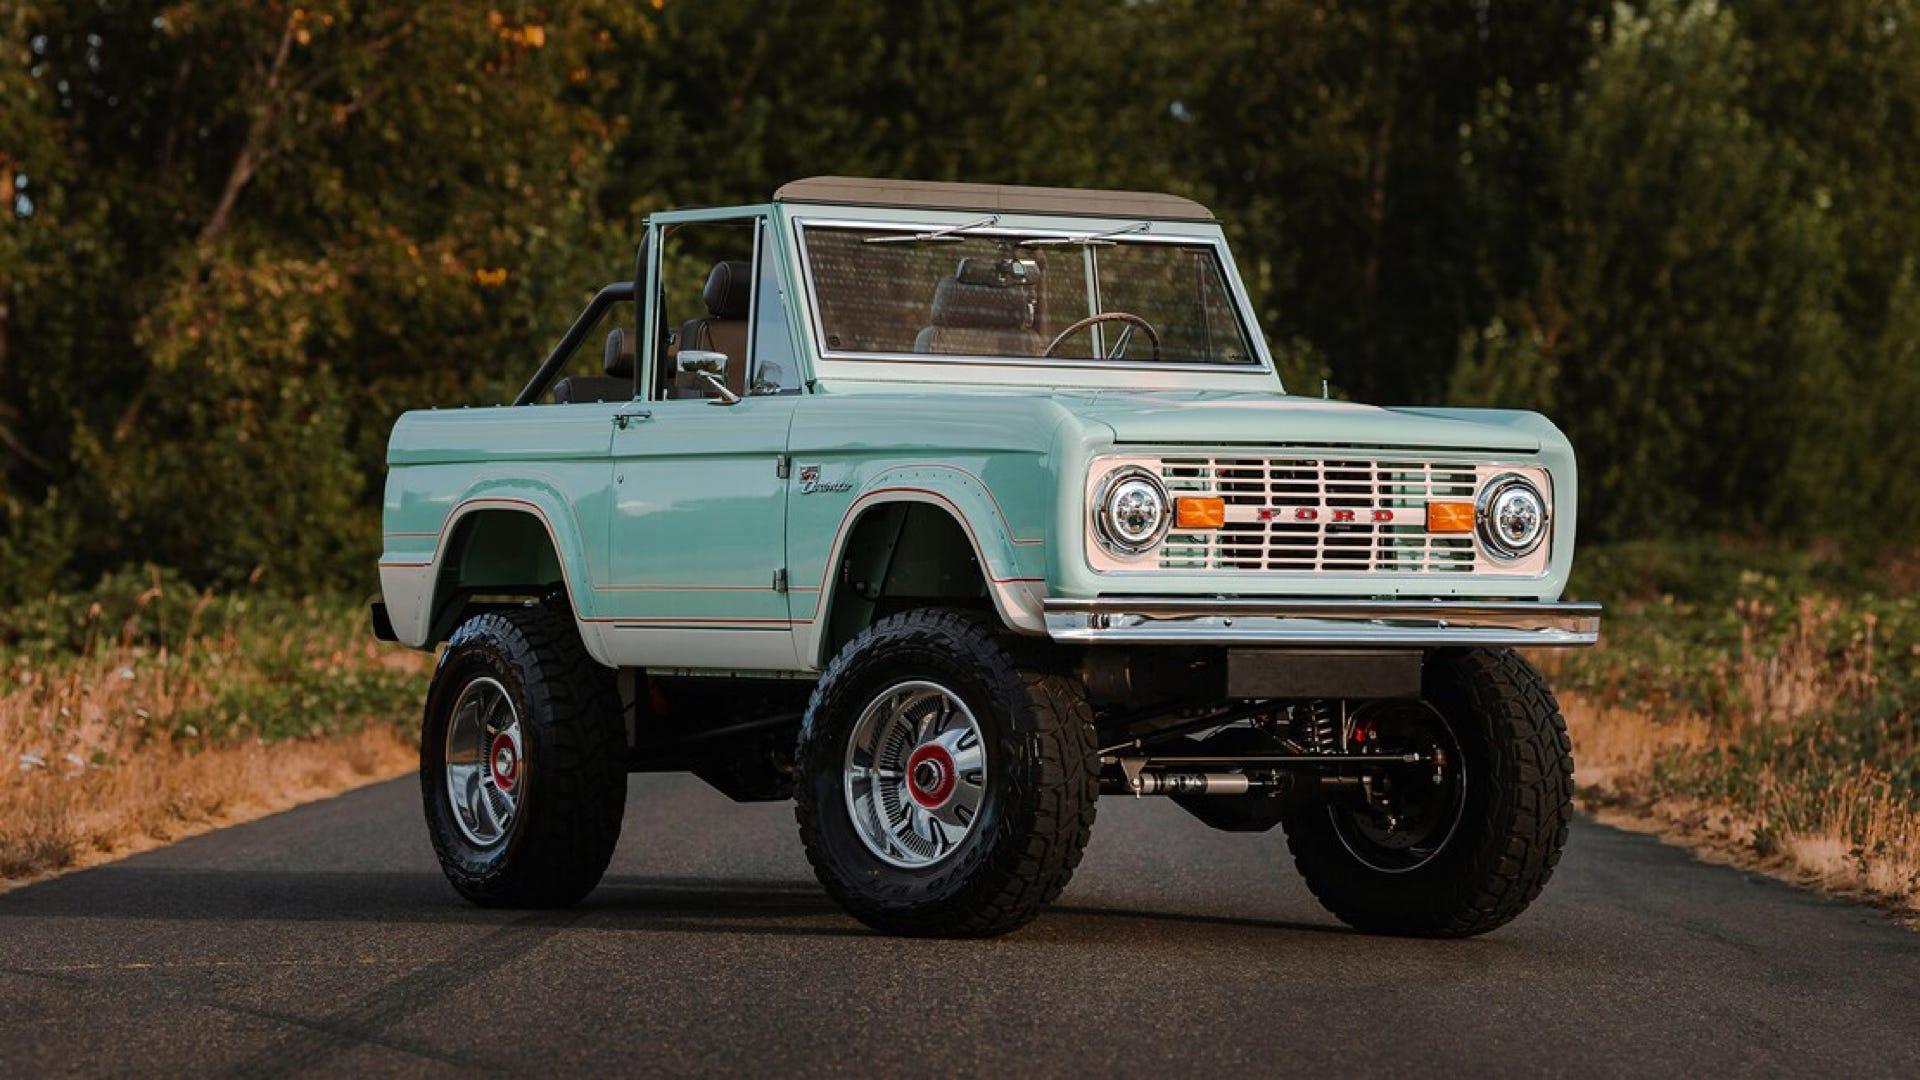 Bronco EV conversion